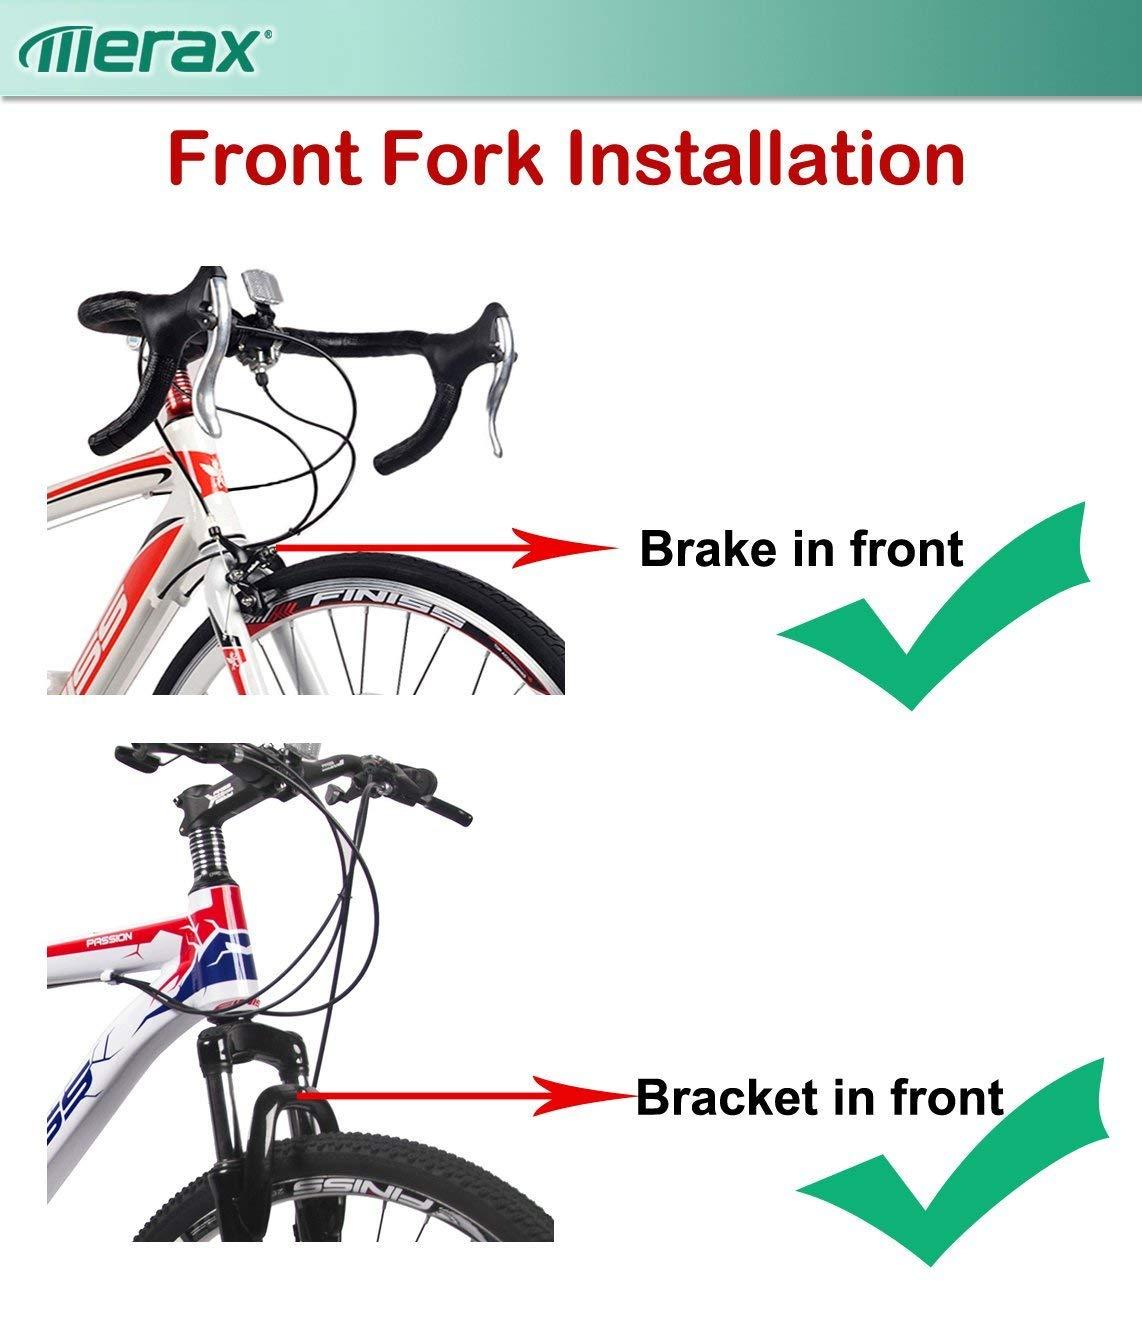 merax finiss fork installation